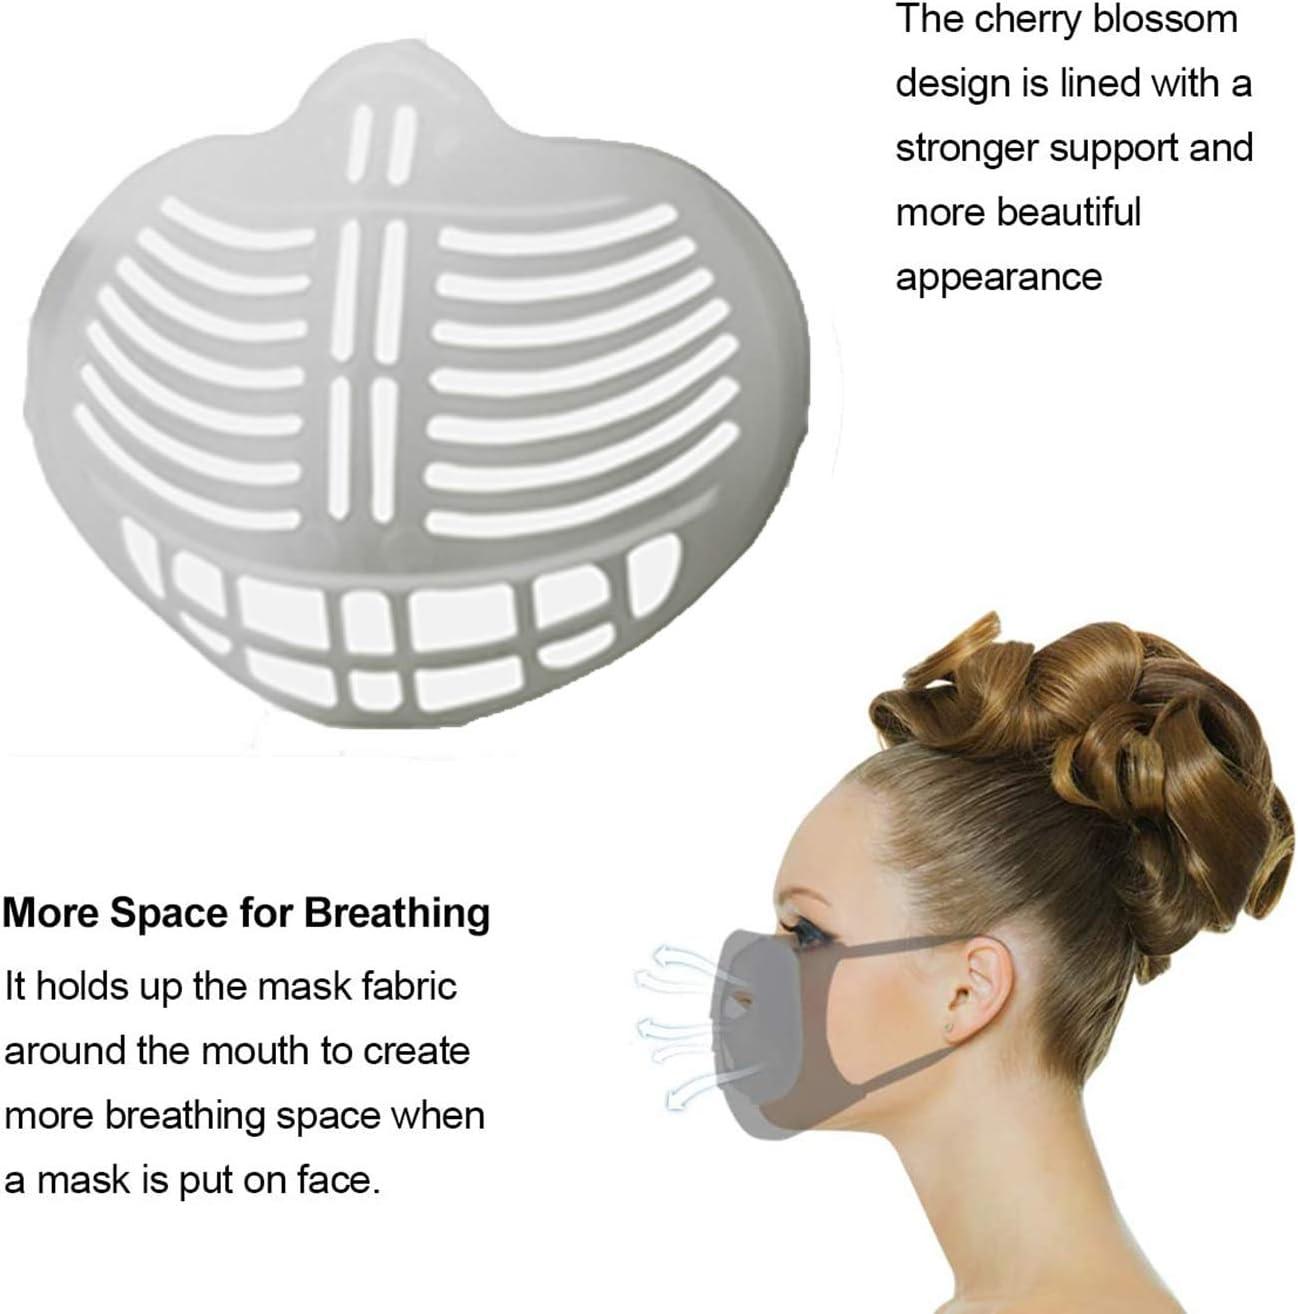 VRTYOC 3D-Innenhalterung f/ür bequemes Atmen,St/ützrahmen unter dem Rahmen,Lippenstift-Schutz,h/ält Stoff von der M/ündung ab,um mehr Atmung zu schaffen,waschbar wiederverwendbar,durchsichtig